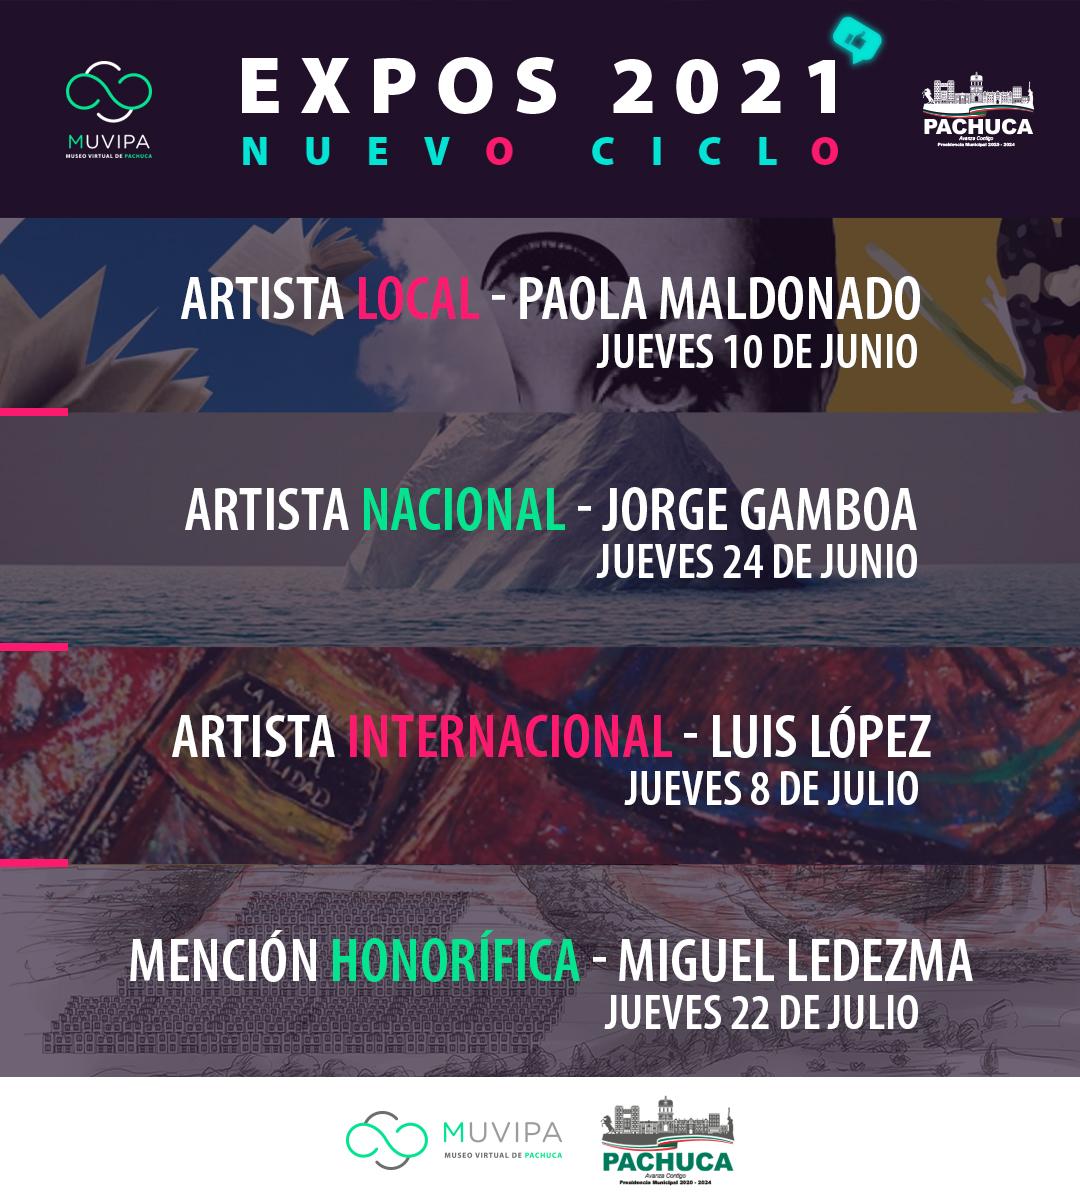 TODAS EXPOS